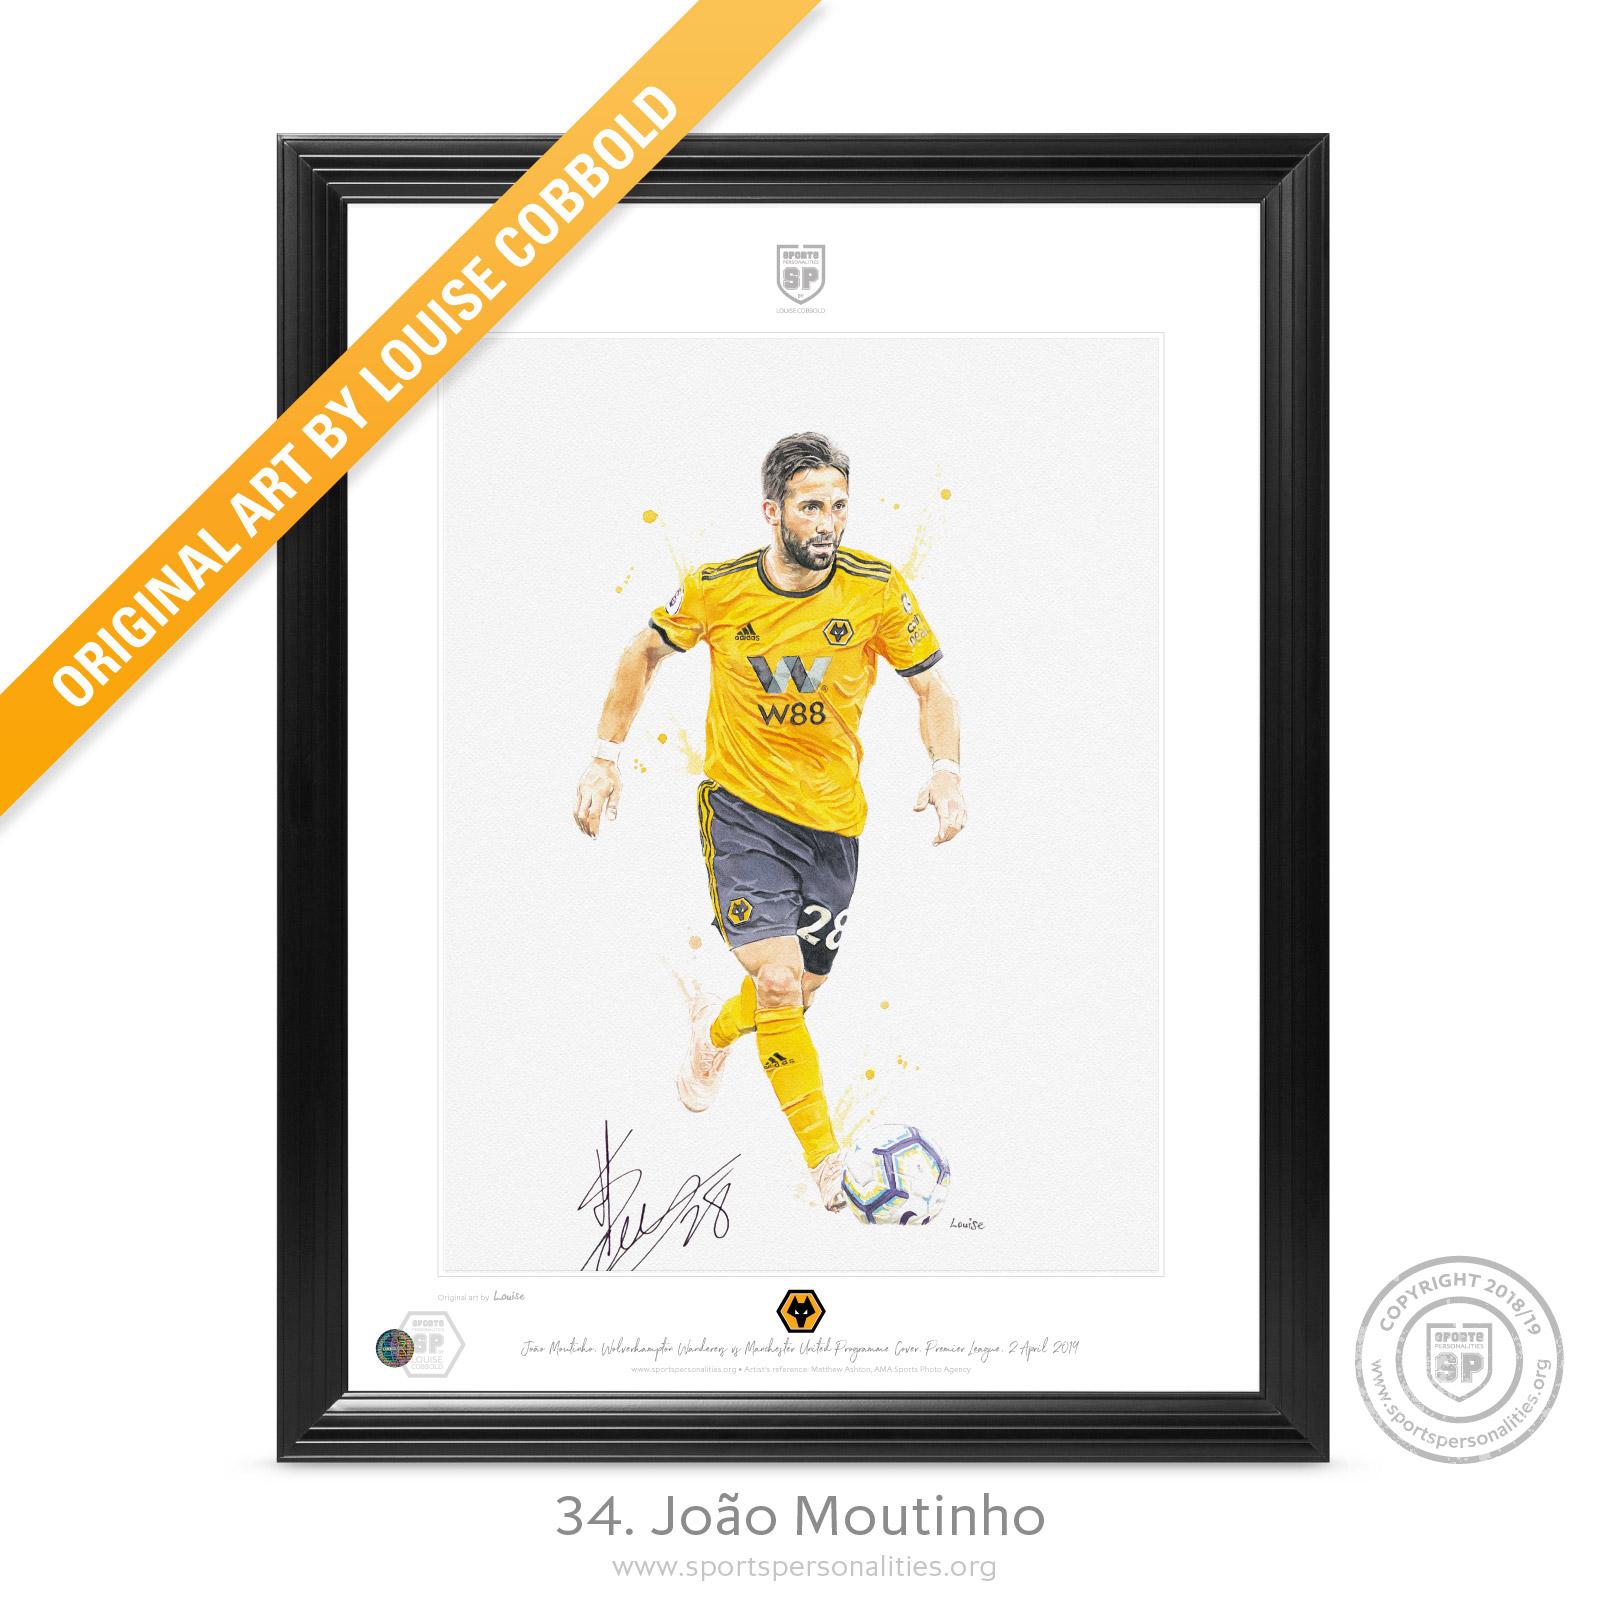 34.-Joao-Moutinho.jpg